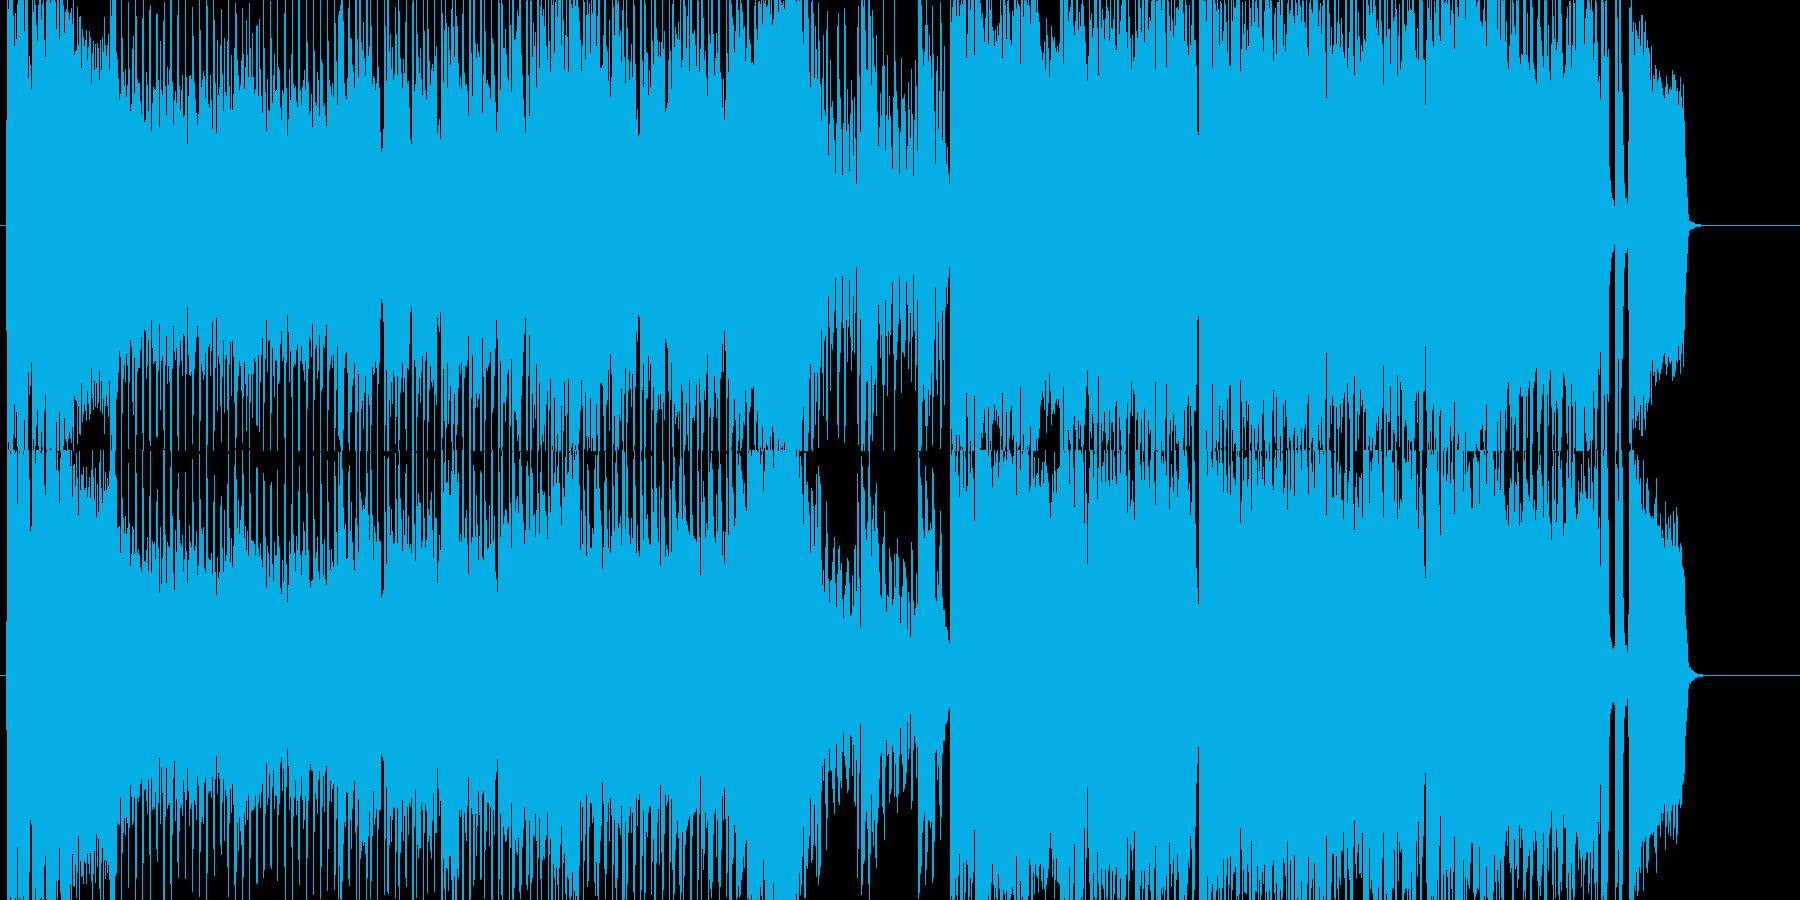 ゲーム用戦闘曲オーケストラロックの再生済みの波形